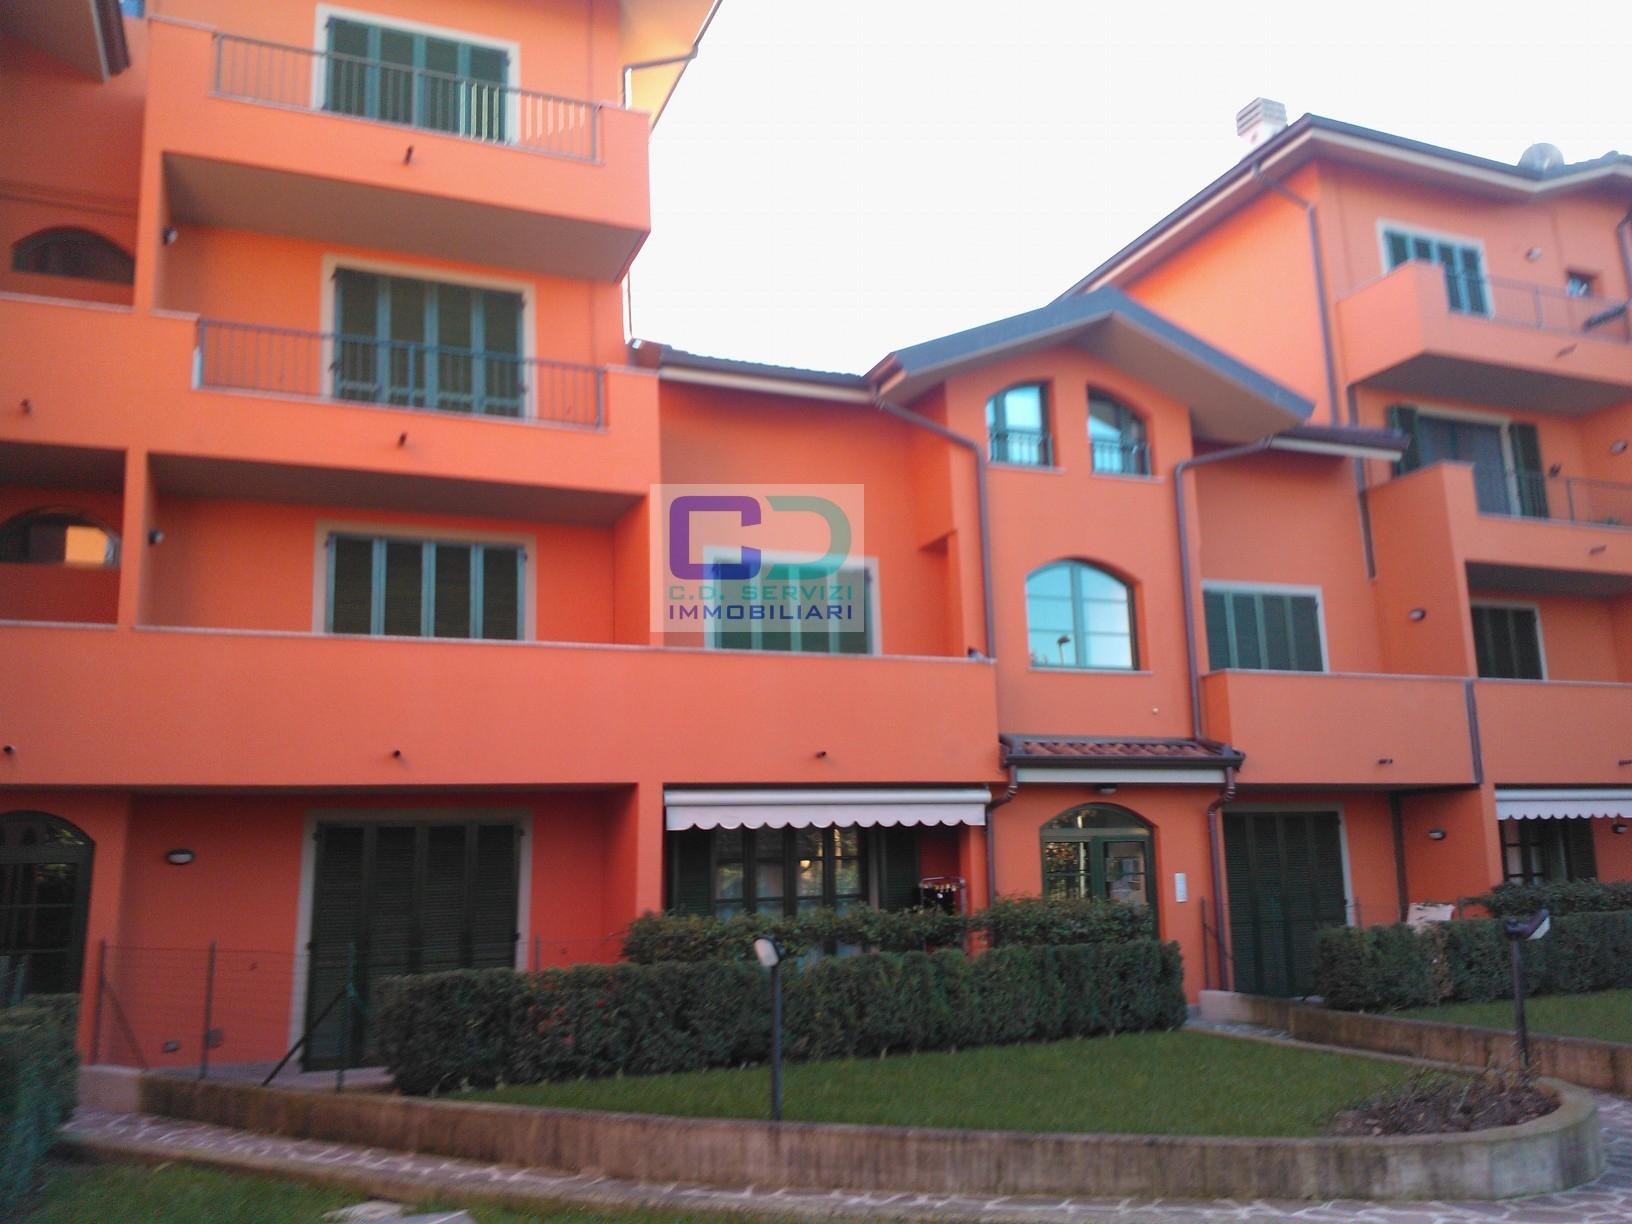 Appartamento in vendita a Cassano d'Adda, 3 locali, prezzo € 155.000 | CambioCasa.it